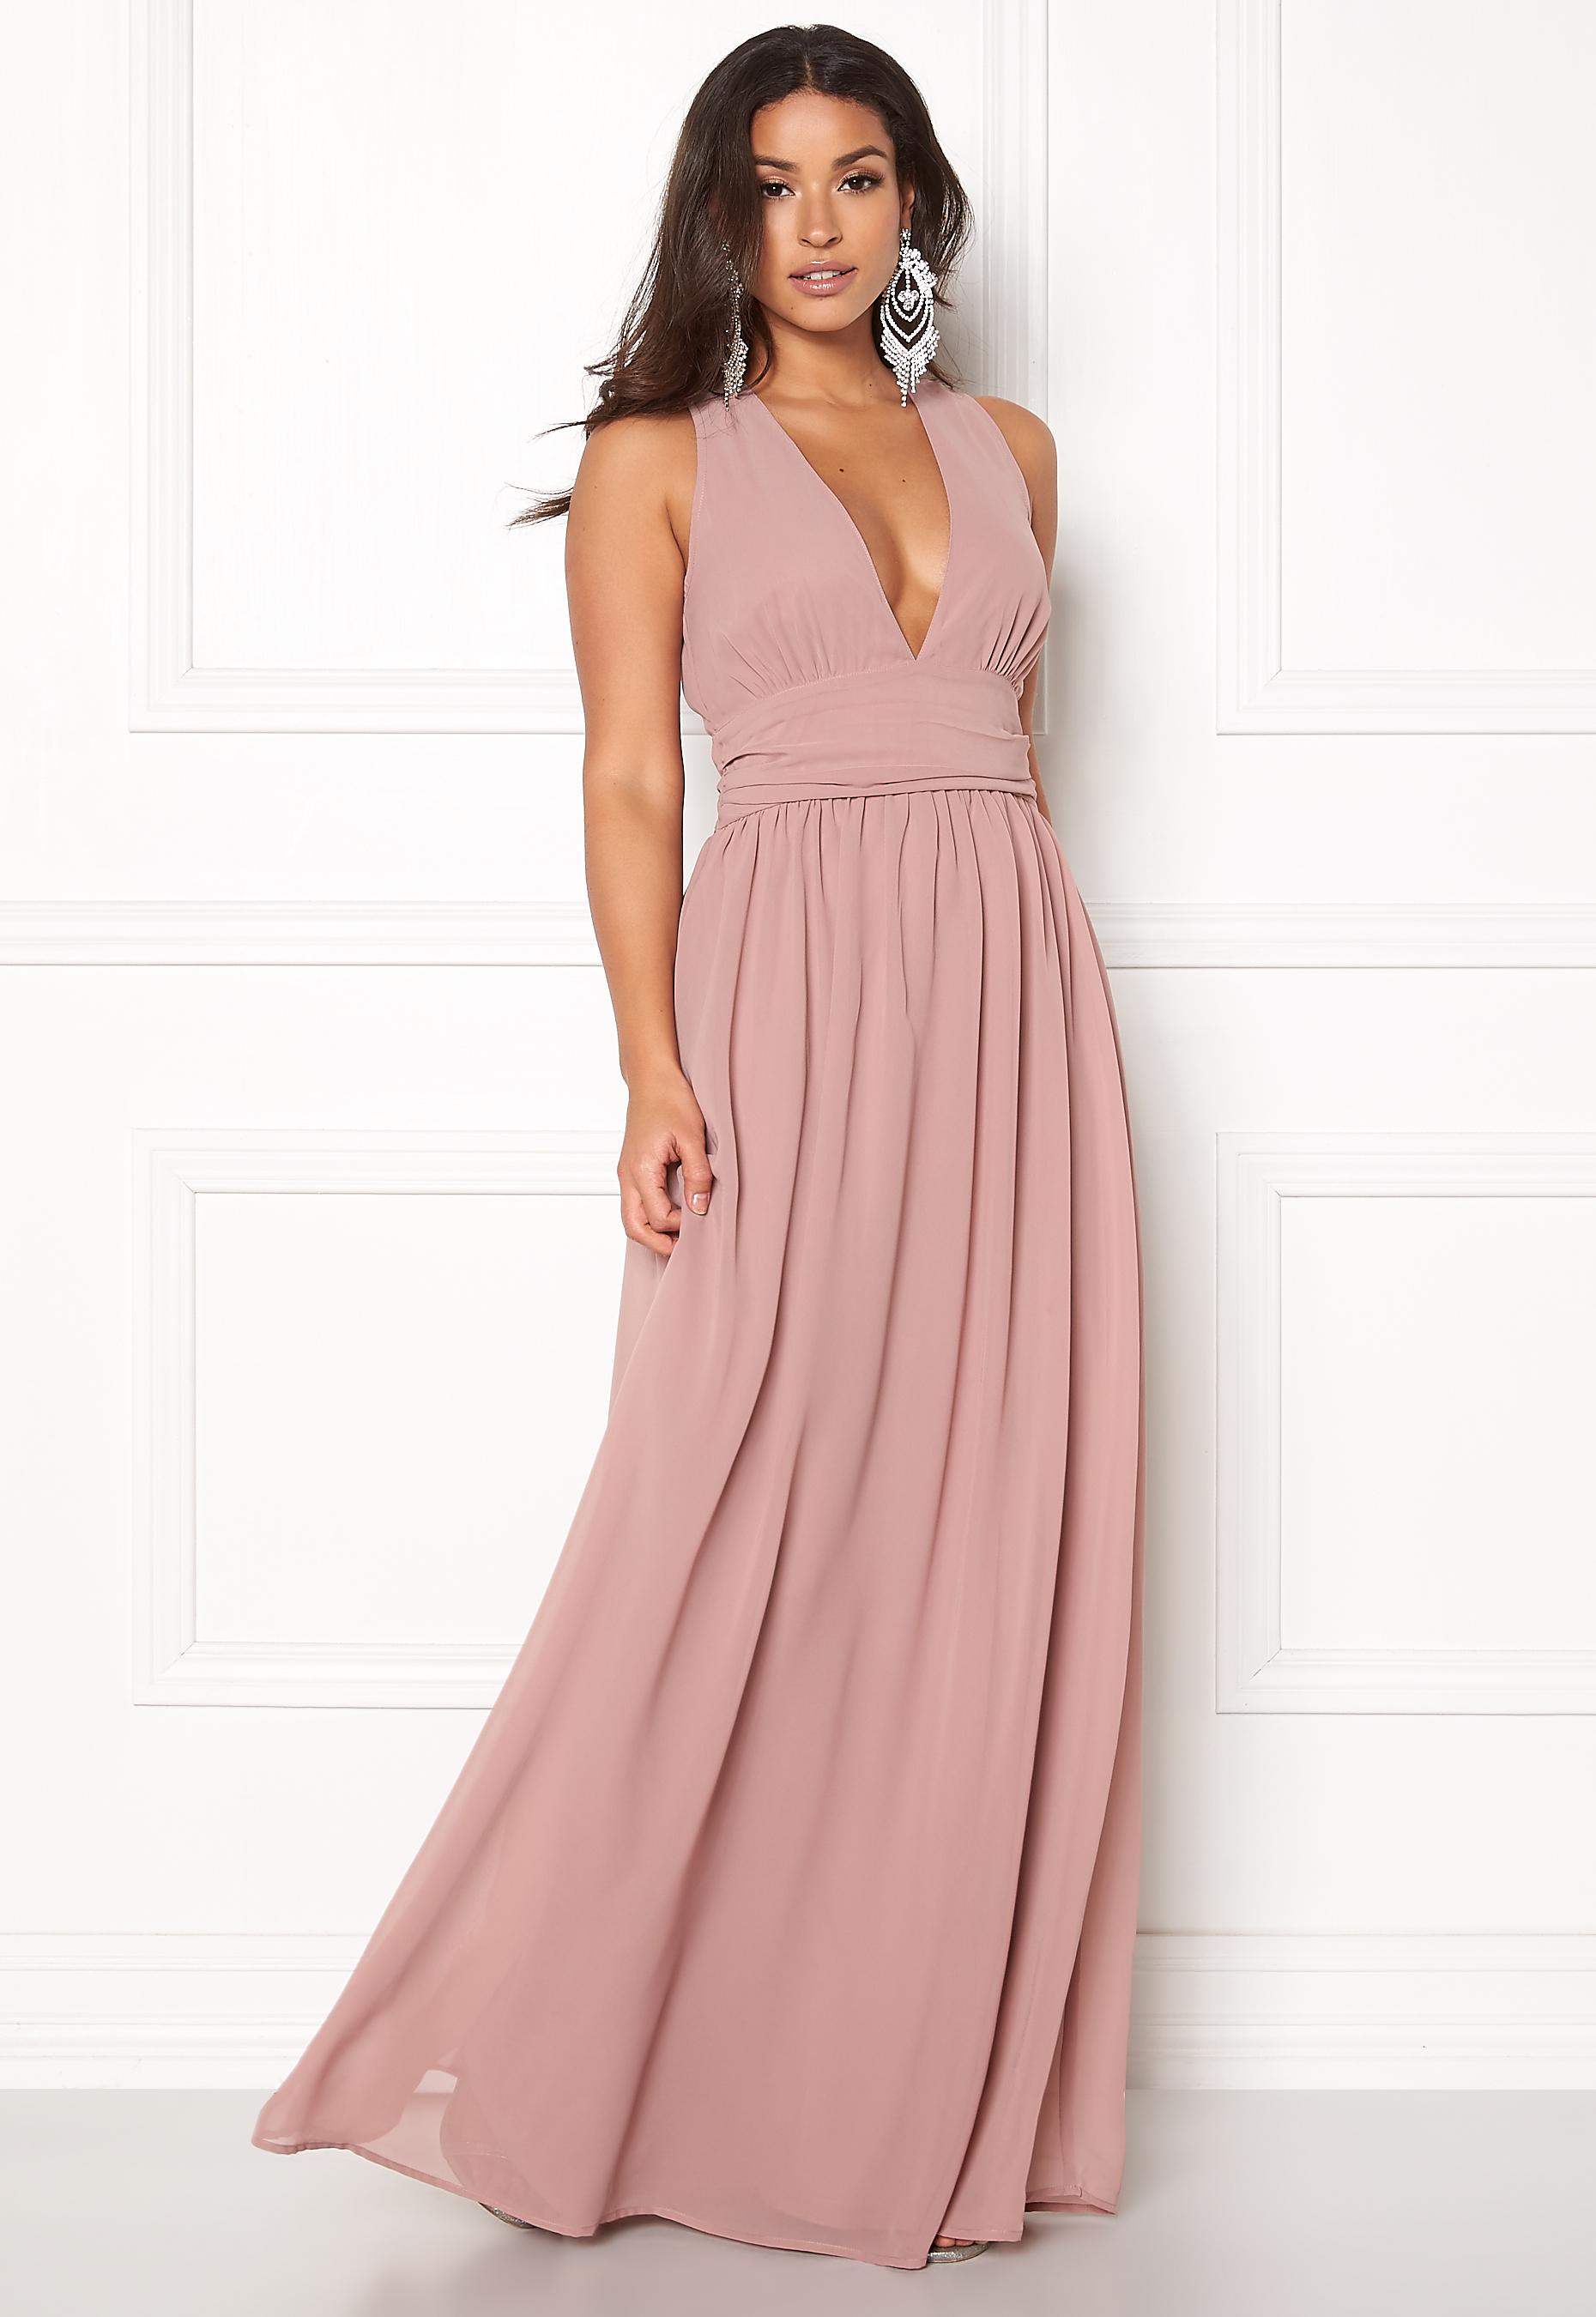 a99299c40f69 BUBBLEROOM Hampton dress Dusty lilac - Bubbleroom